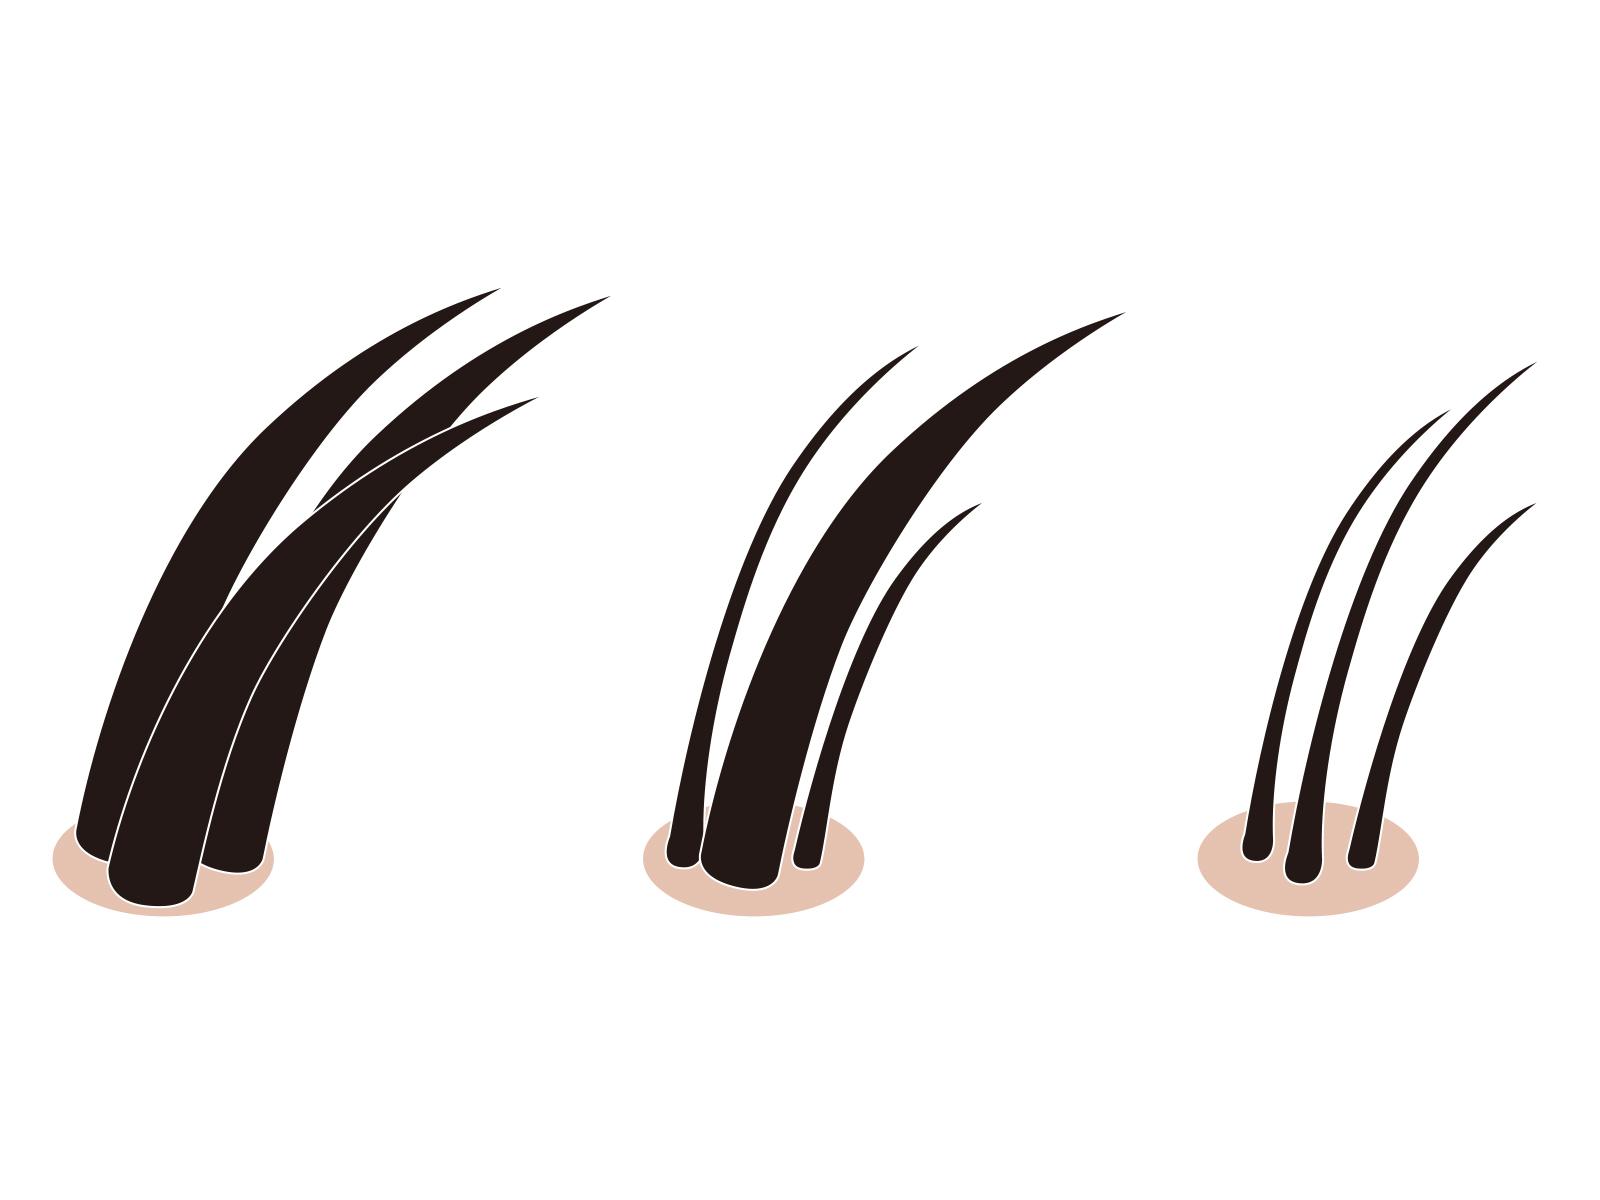 髪の毛毛穴イラスト